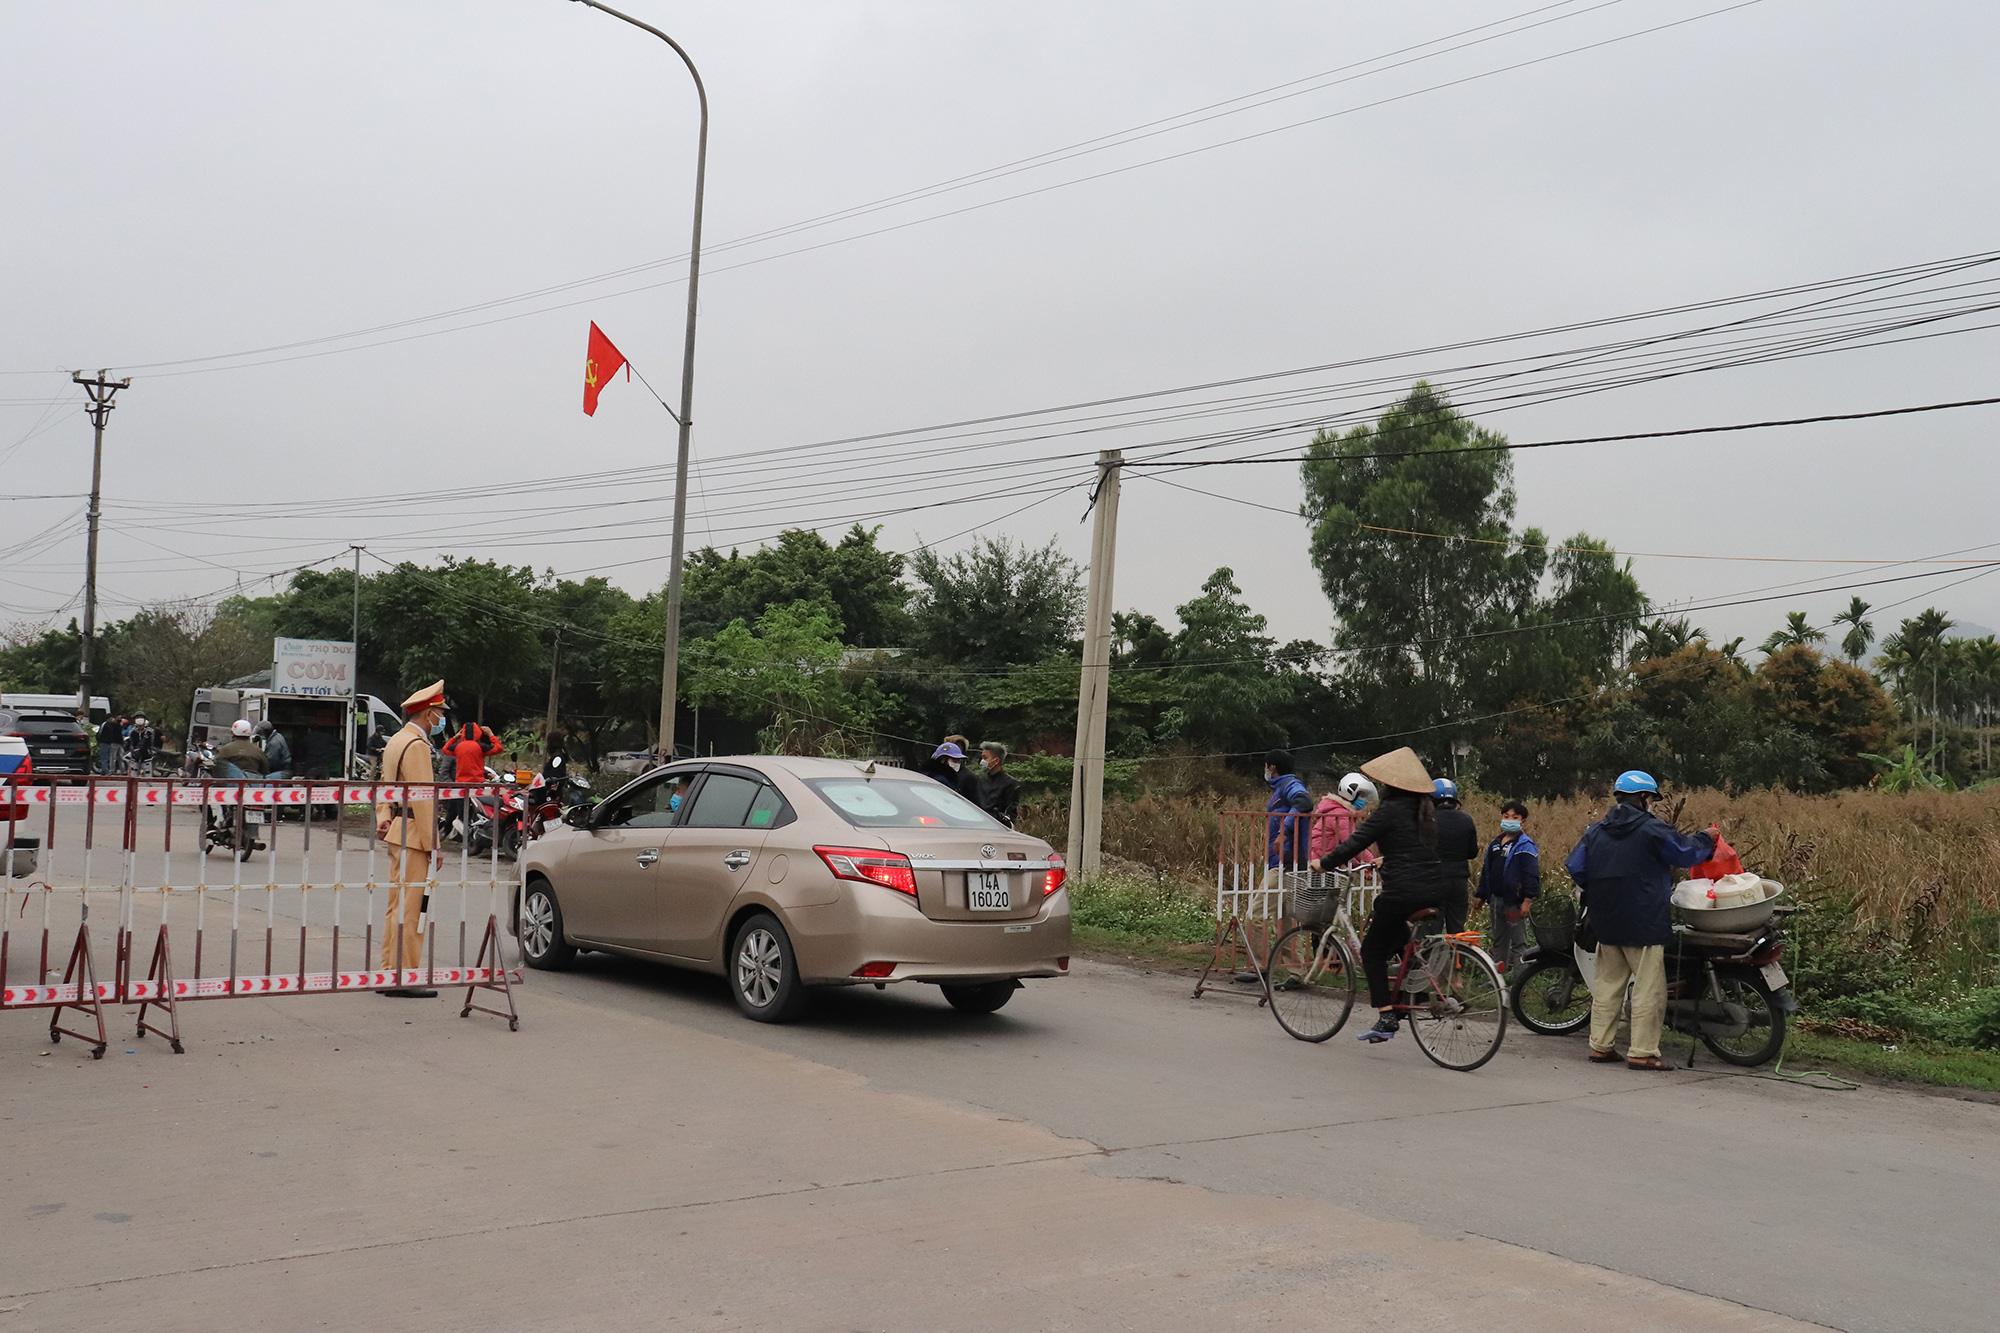 Quảng Ninh mở lại một số hoạt động kinh tế - xã hội từ ngày 2/3 - Ảnh 1.